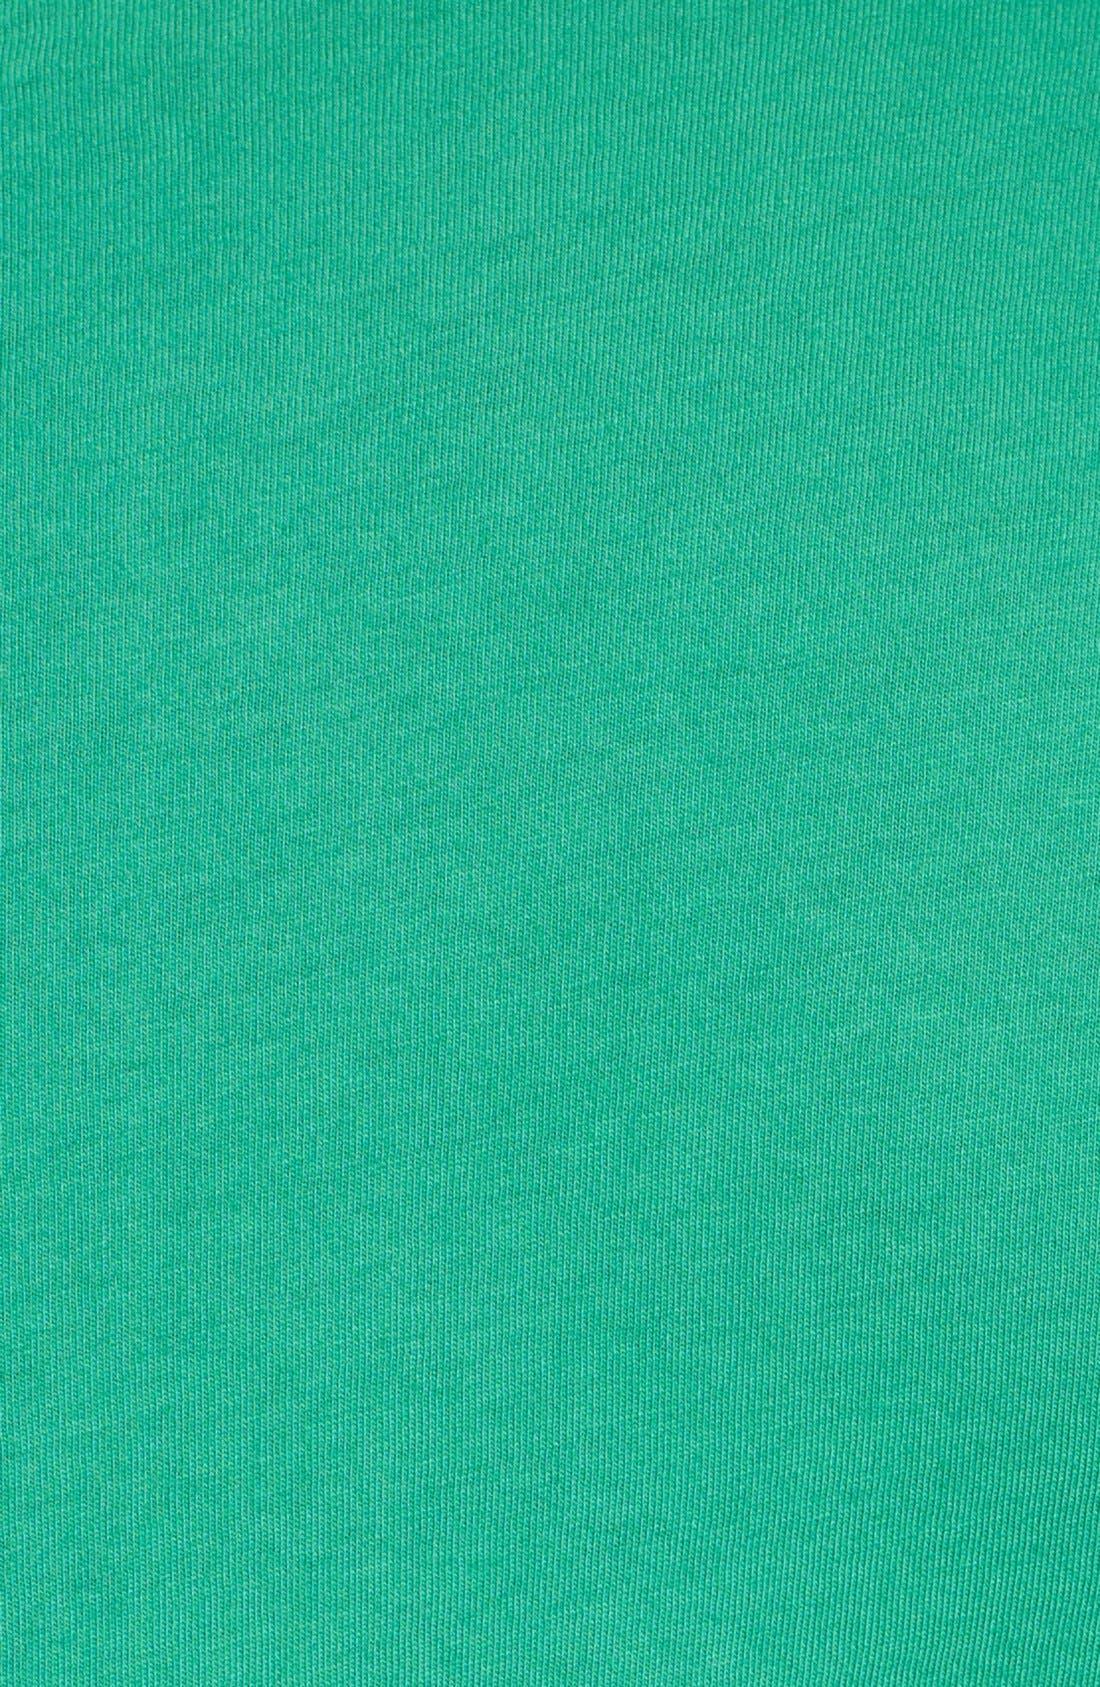 Alternate Image 3  - Retro Brand 'Michigan State' Graphic T-Shirt